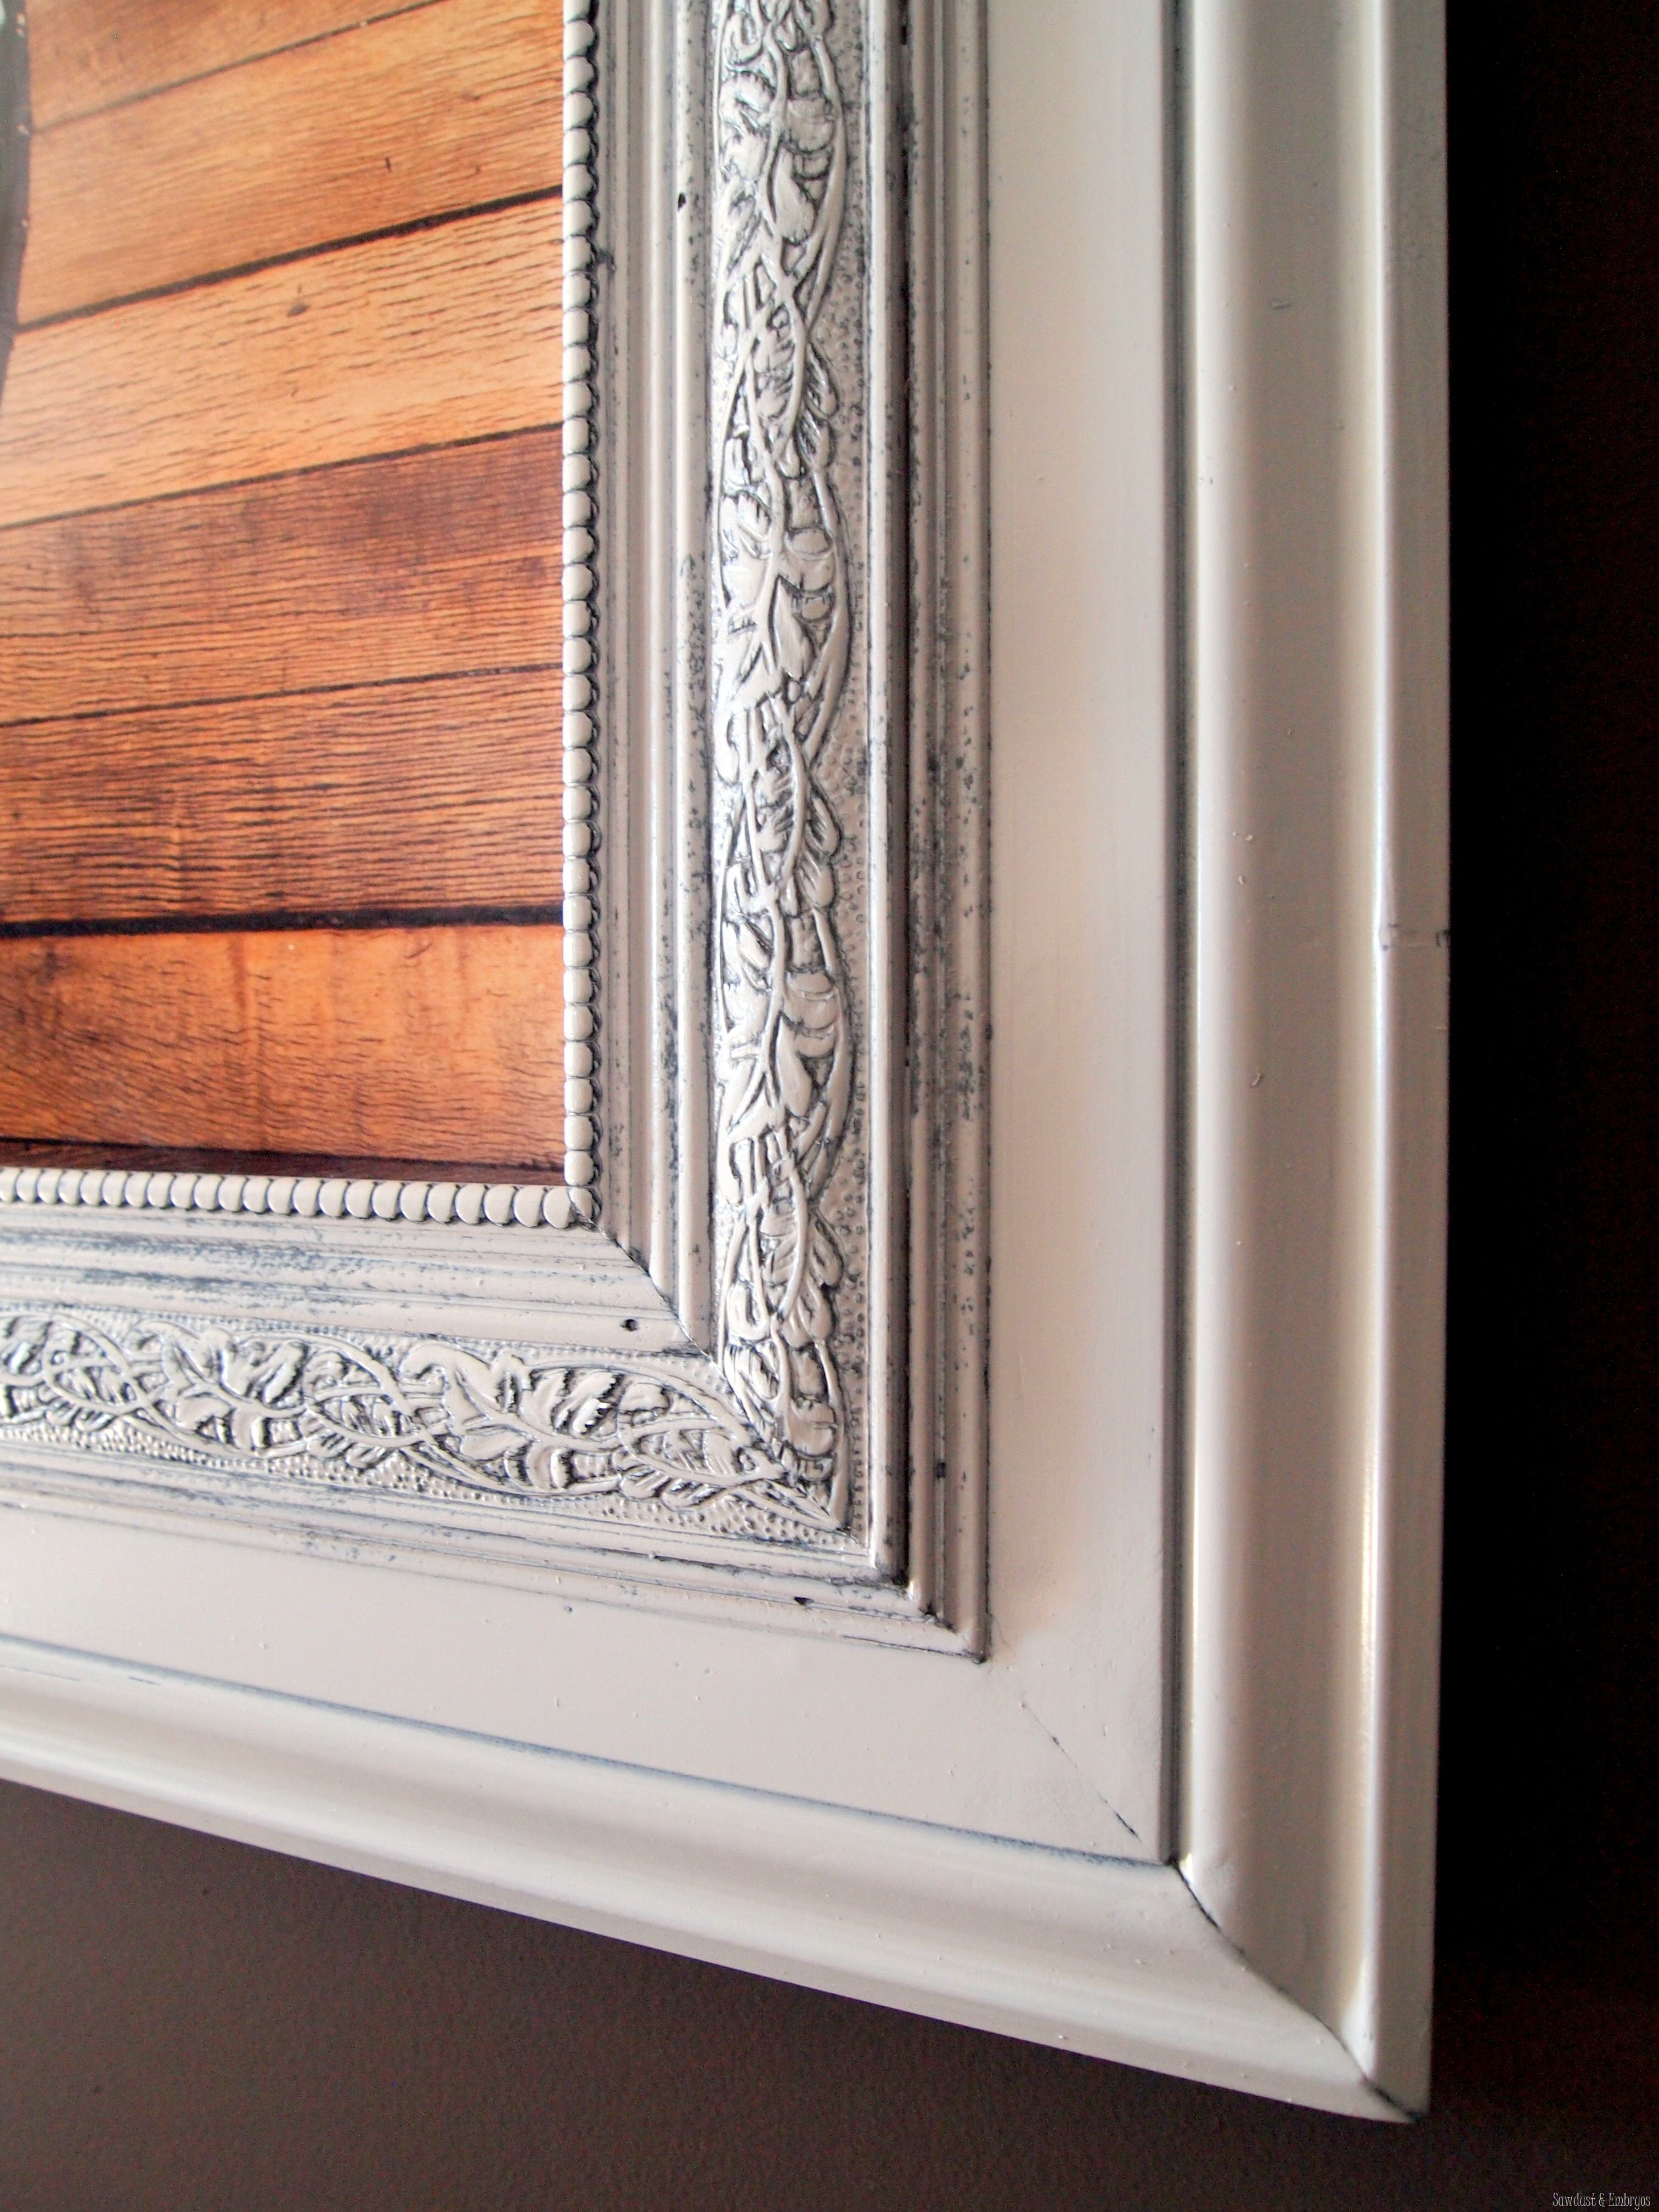 How to build a custom frame out of trim pieces diy frame